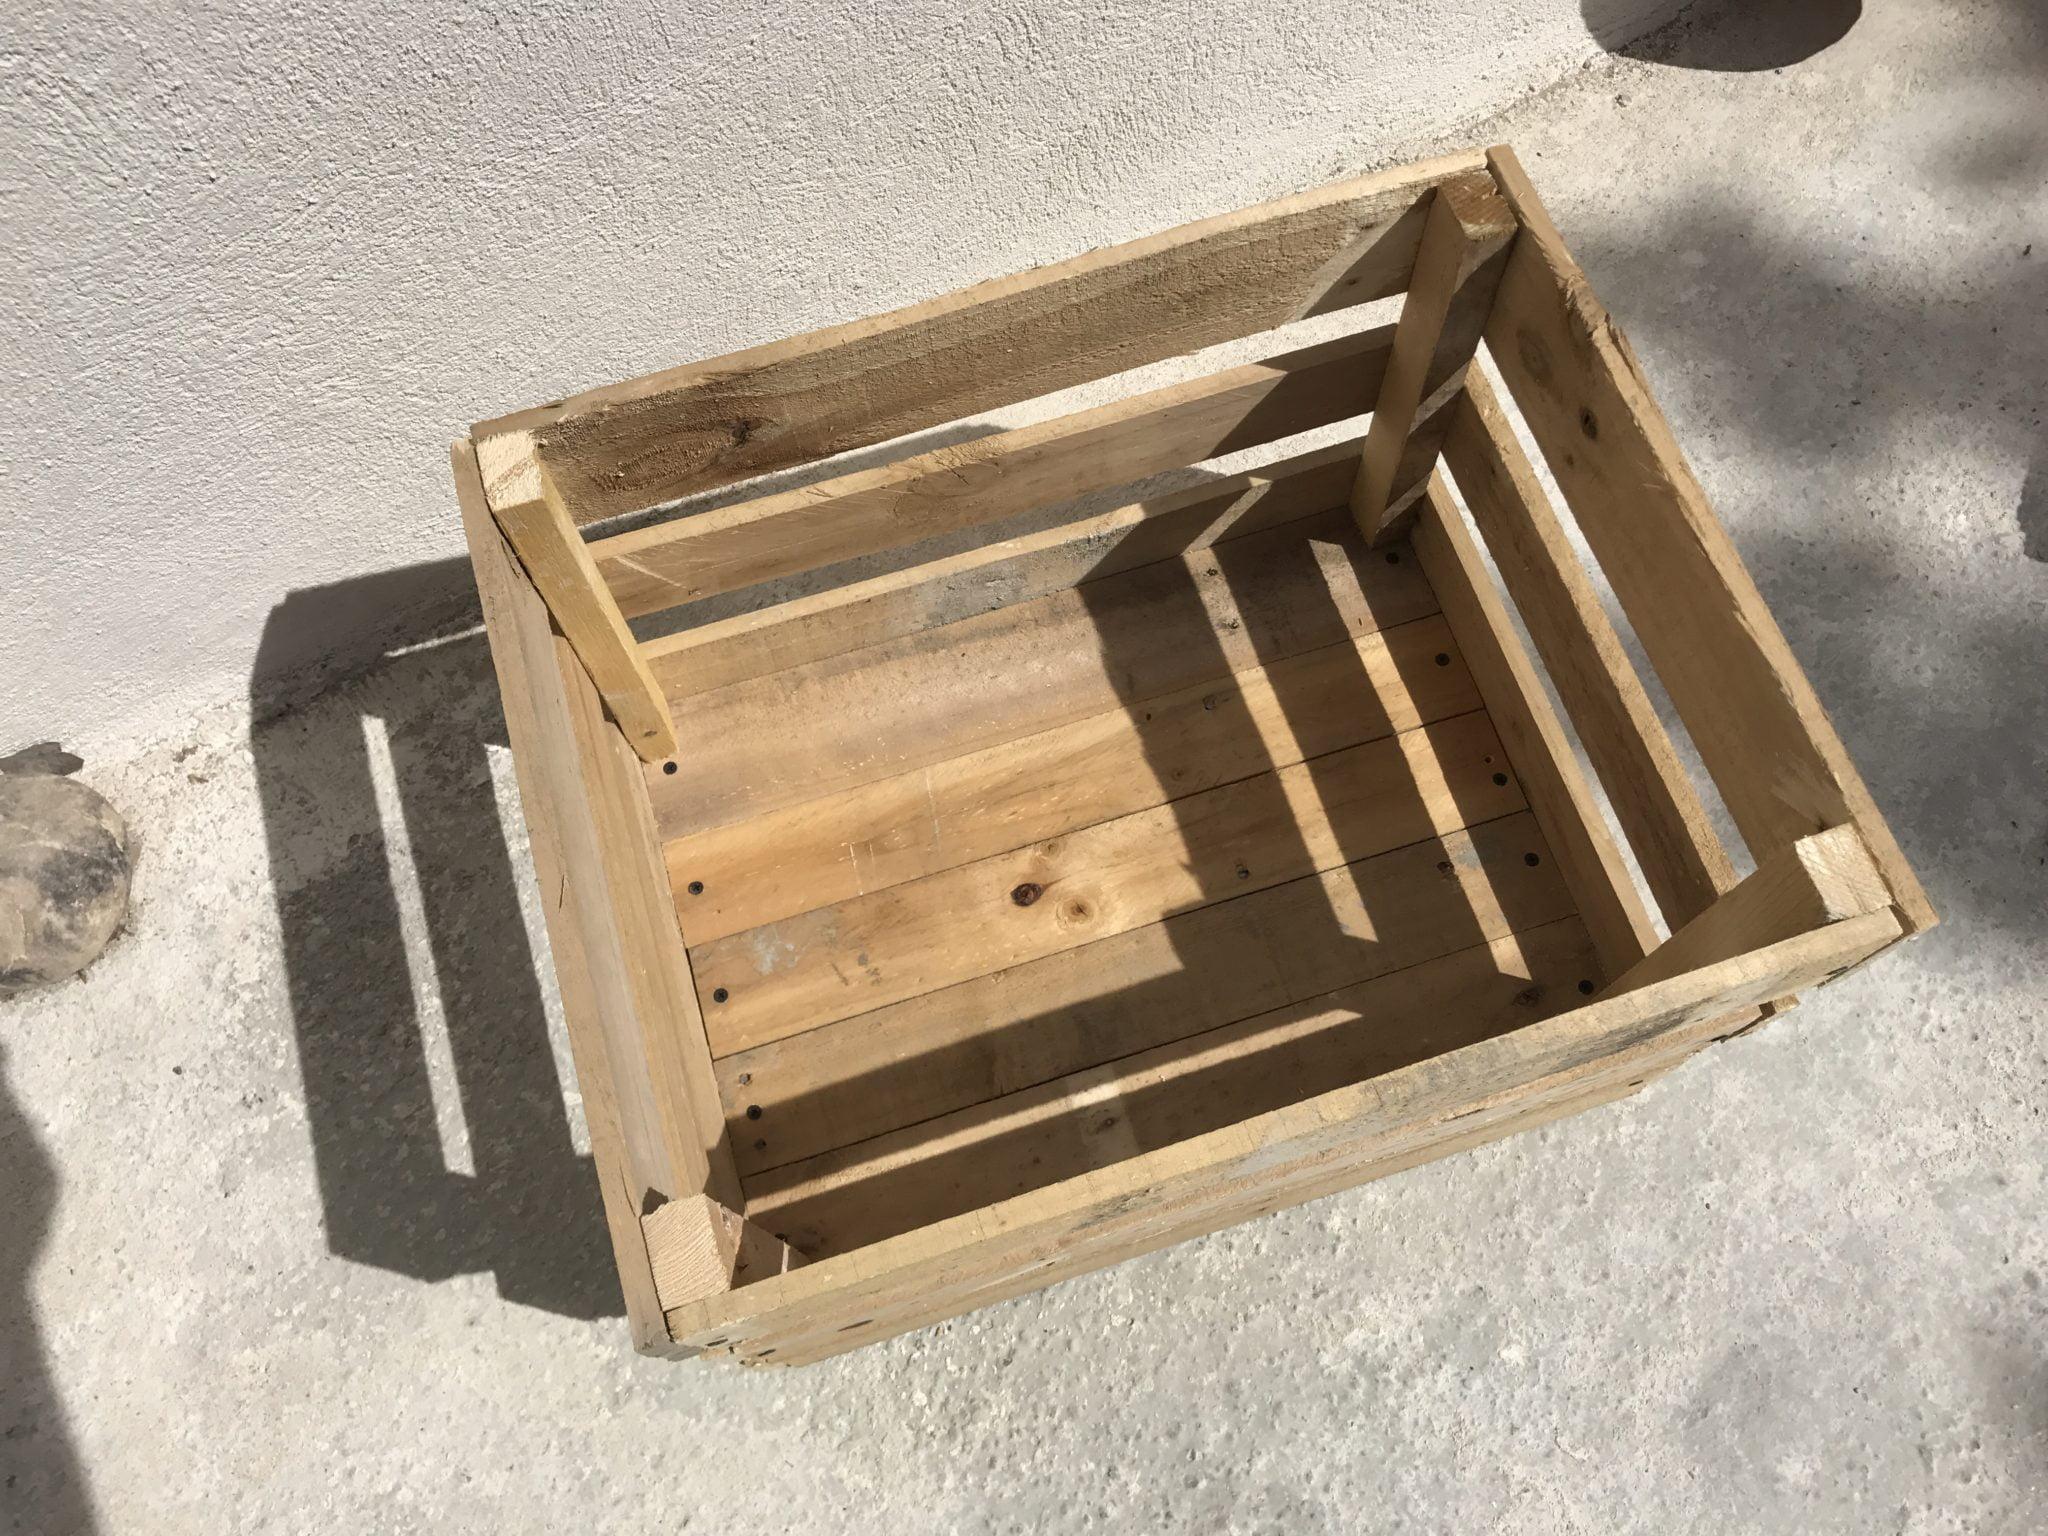 réalisez une caissette en bois